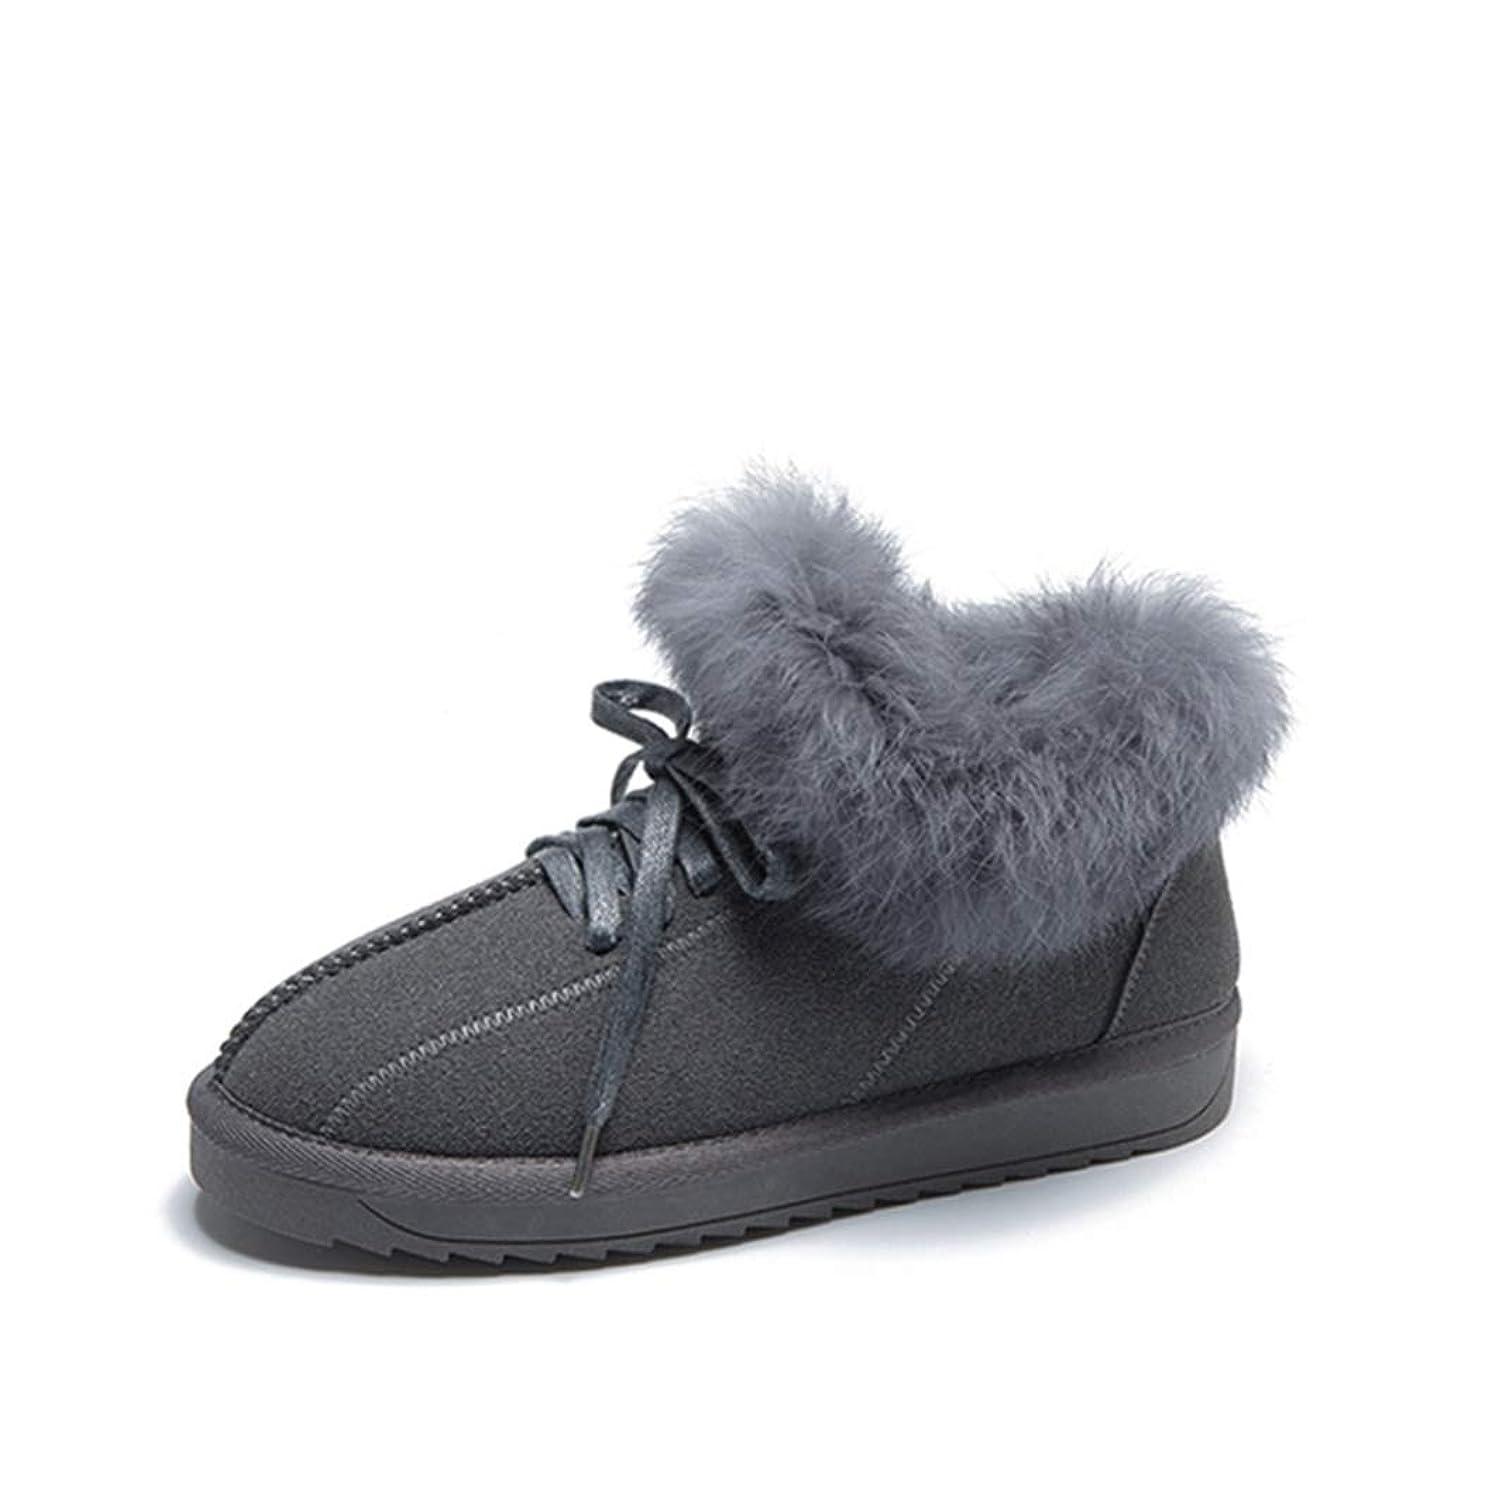 イヤホンボクシング伴うレディース 綿靴 雪靴 ブーツ ブーティ ブーツ 雪 レディース ムートンブーツ 欧米風 スノーブーツ 滑らない もこもこ 歩きやすい 裏ボア 毛皮ブーツ 防滑 ブーツ レディース 防寒 ウインターブーツ あったか